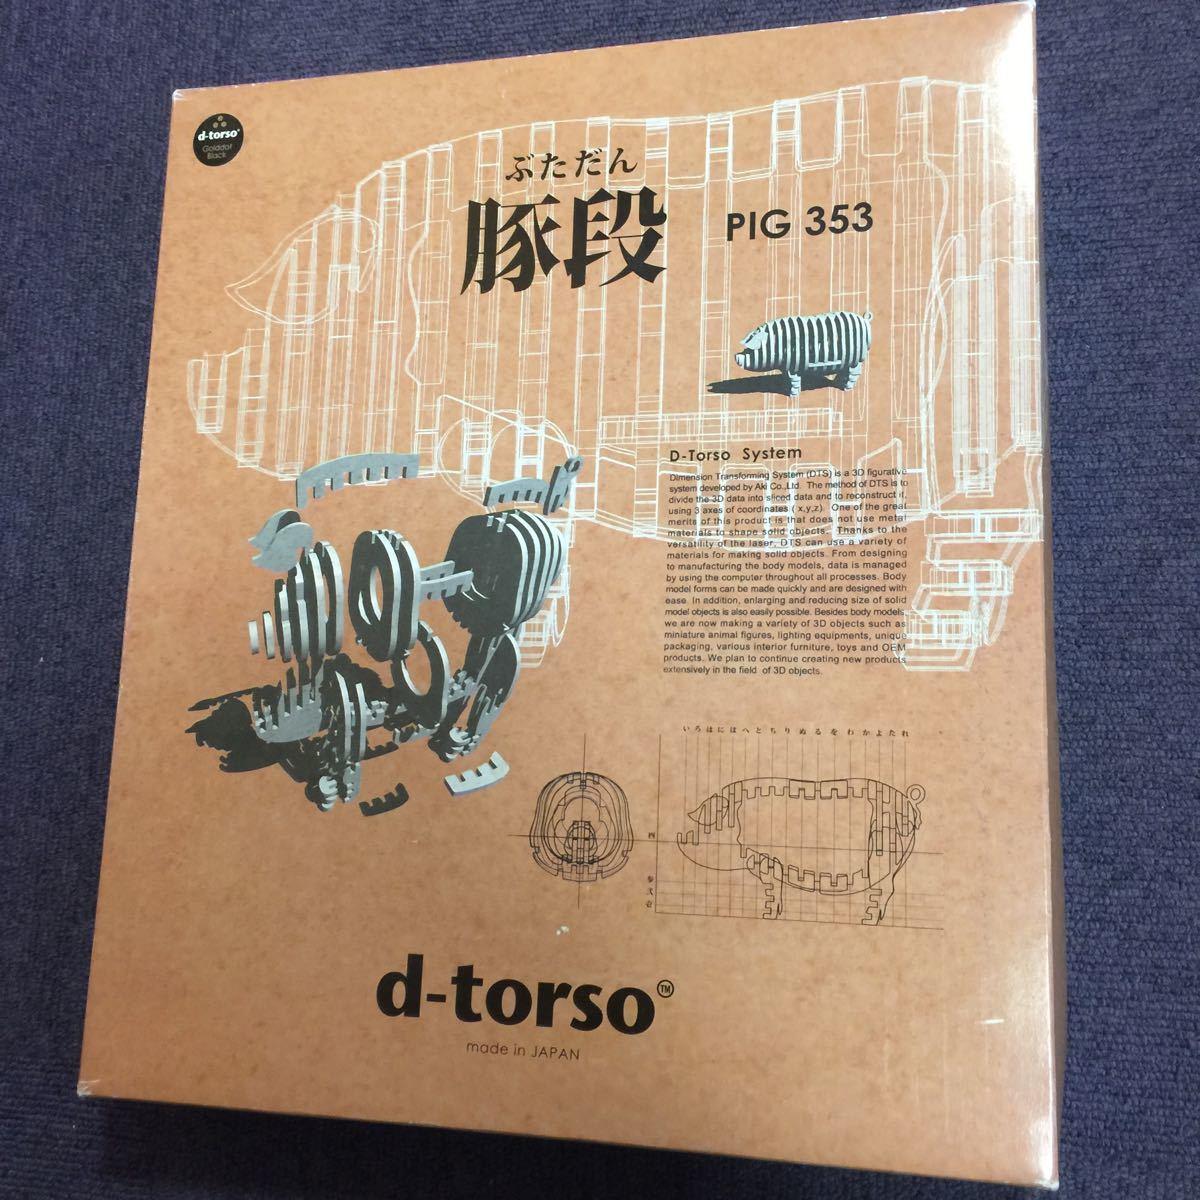 d-torso(ディー・トルソー)「豚段」PIG353 段ボール素材ペーパークラフト 未組立長期保管品 日本製 アキ工作社 希少終売品 黒 レーザー加工_画像1